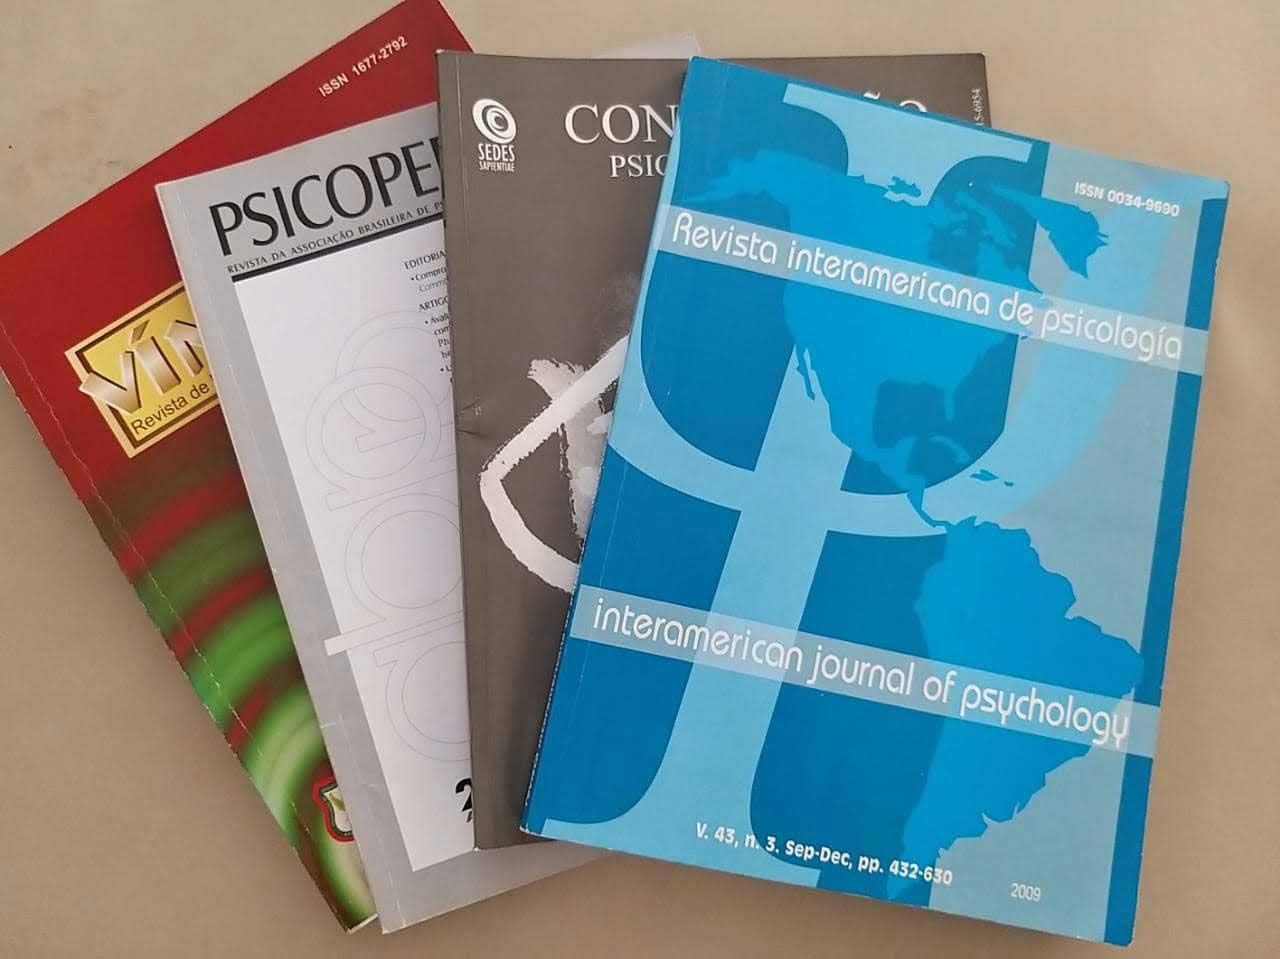 beatriz-scoz-artigos-publicados-emperiodicos-psicopedagogia-psicologia-01